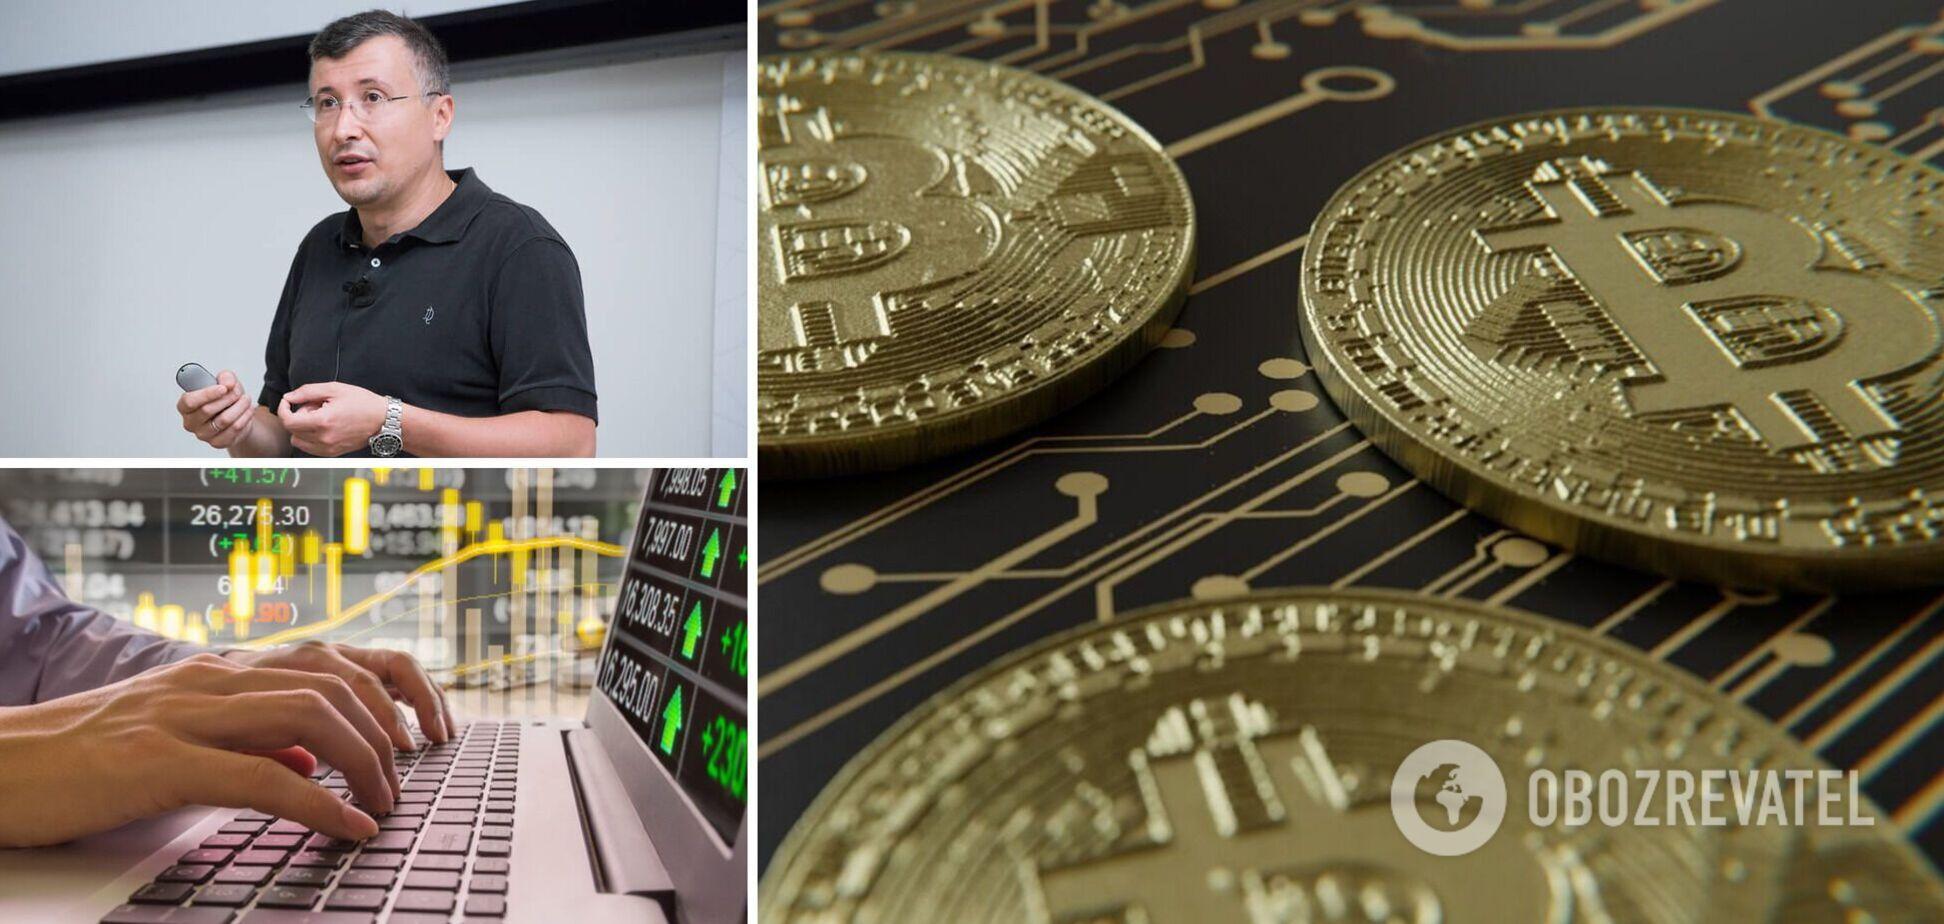 Олег Цивінський розповів про майбутнє криптовалют